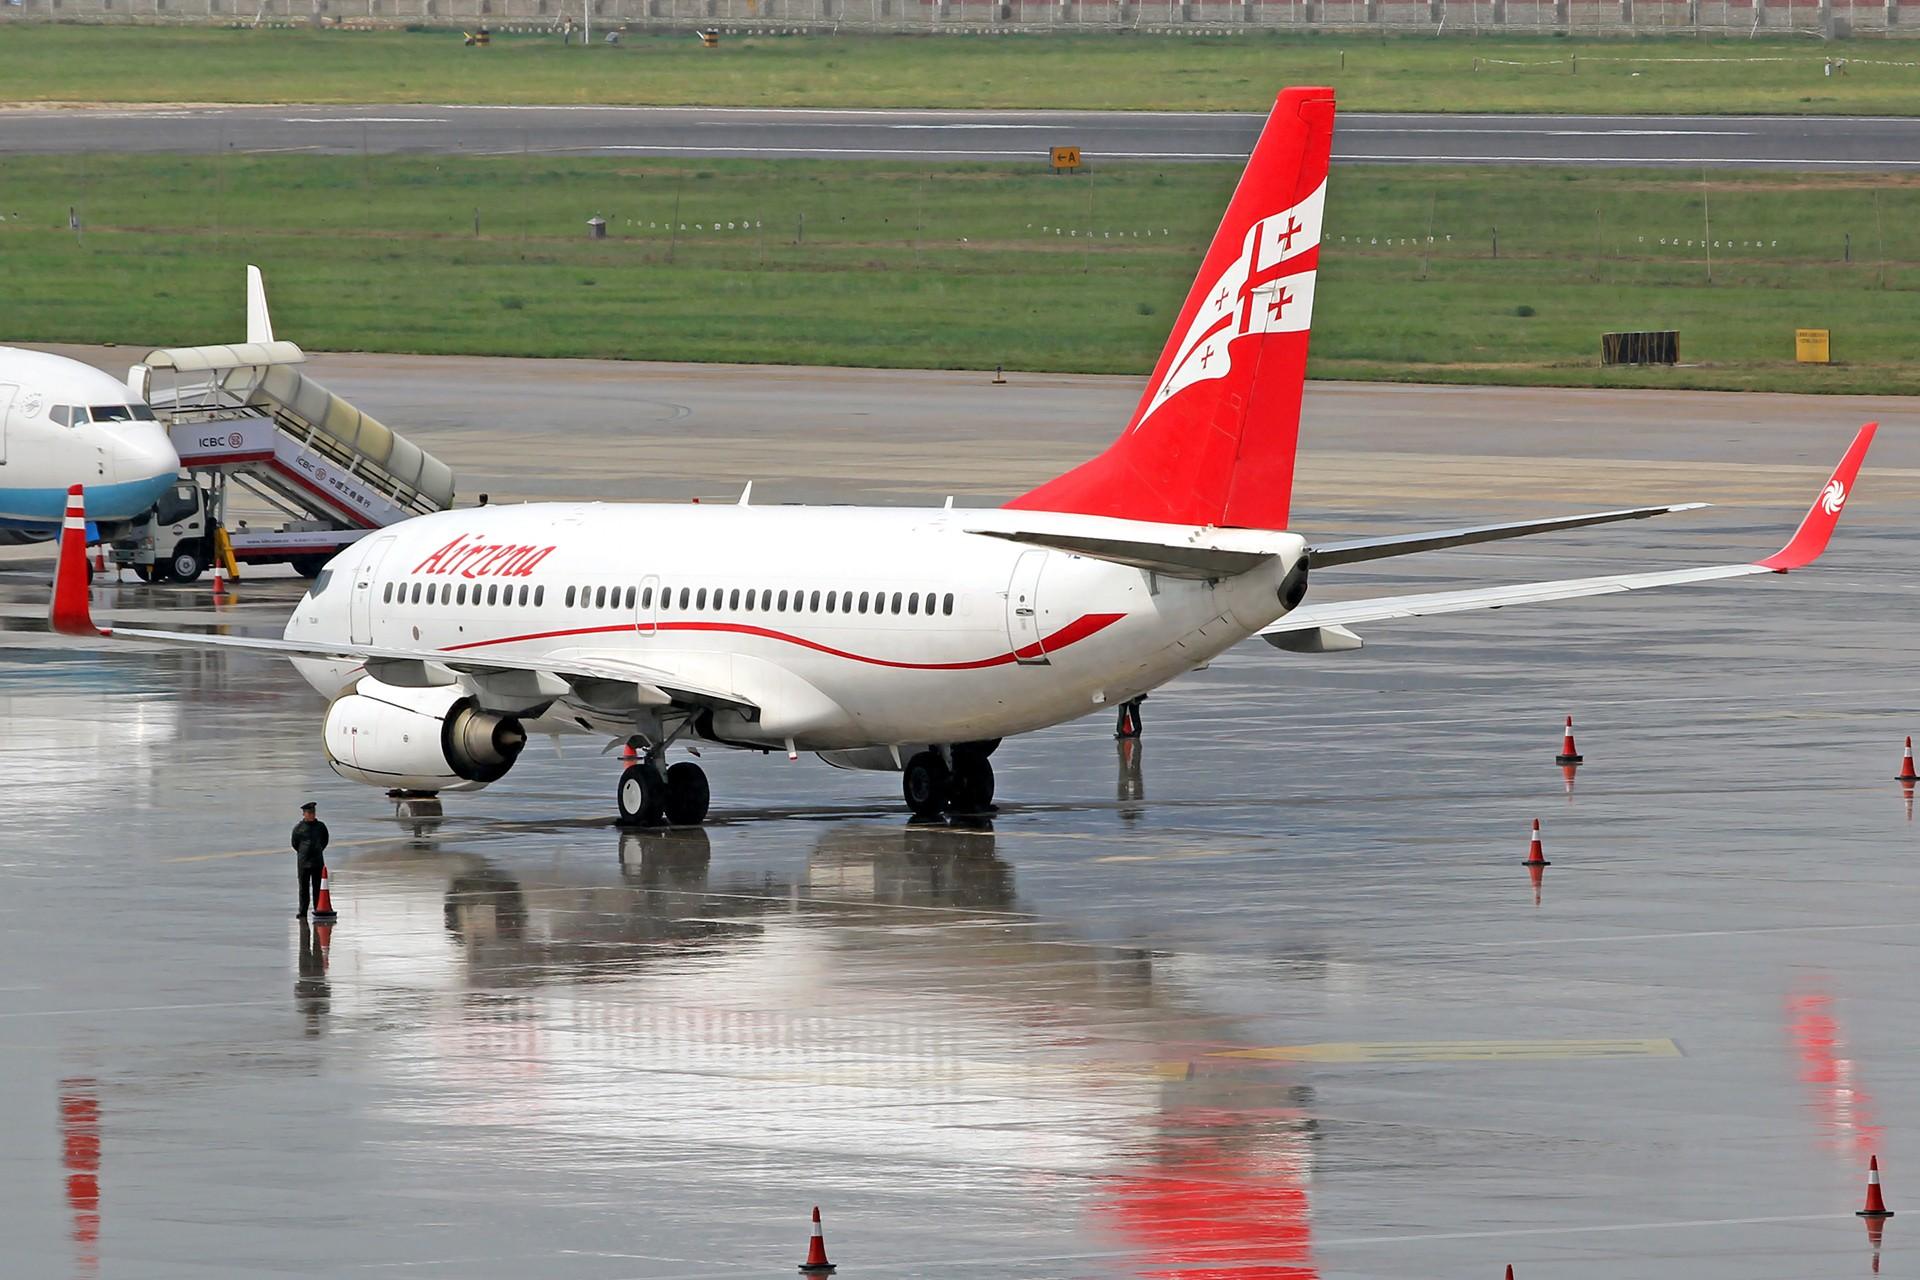 Re:[原创][DLC]。。。达沃斯公务机。。。 BOEING 737-700 4L-TGM 中国大连国际机场